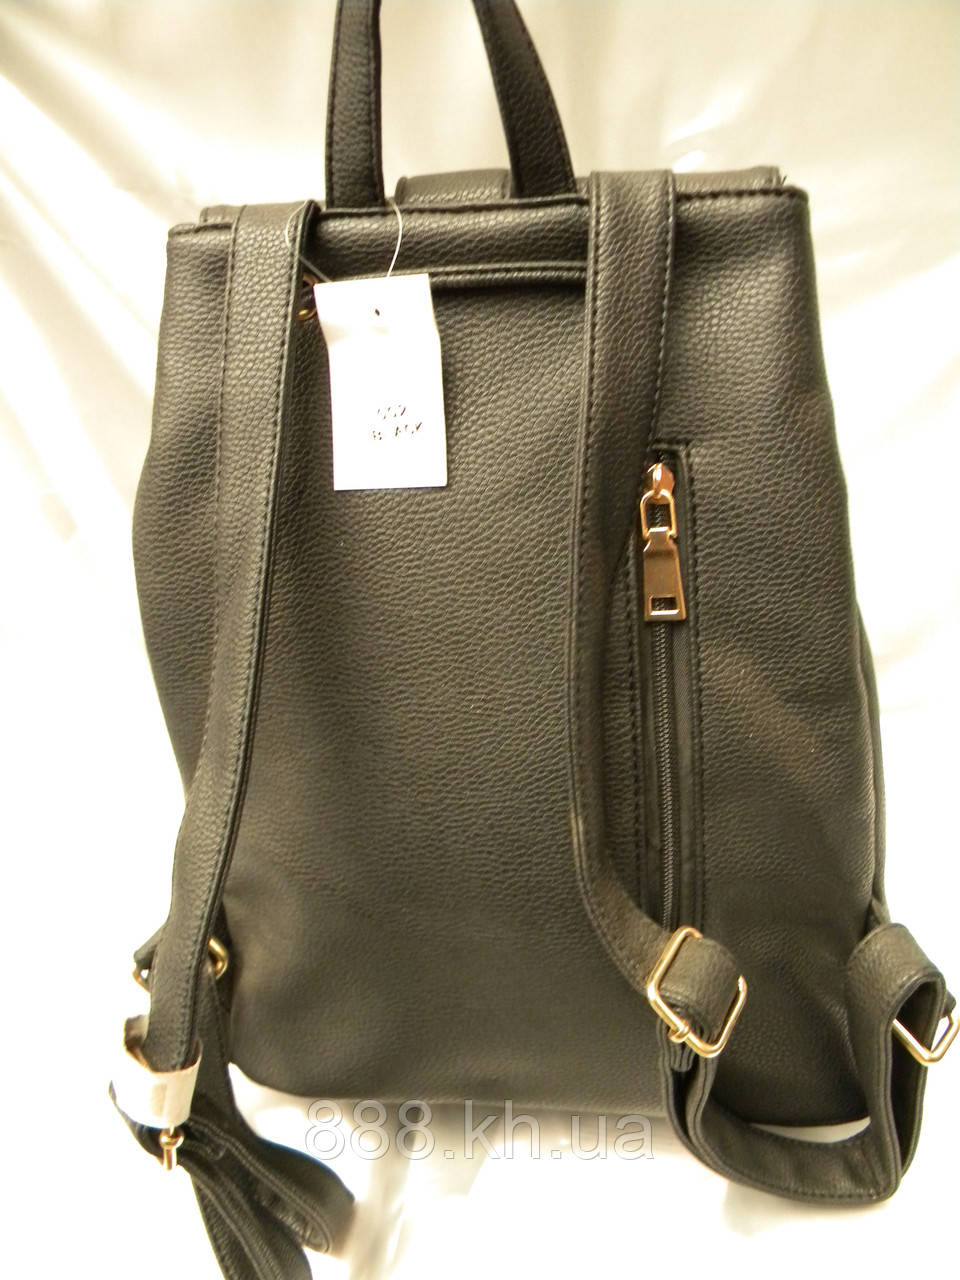 eeb1b6da9eec ... Стильный женский рюкзак, черный кожаный рюкзак, рюкзак для девочки,  фото 4